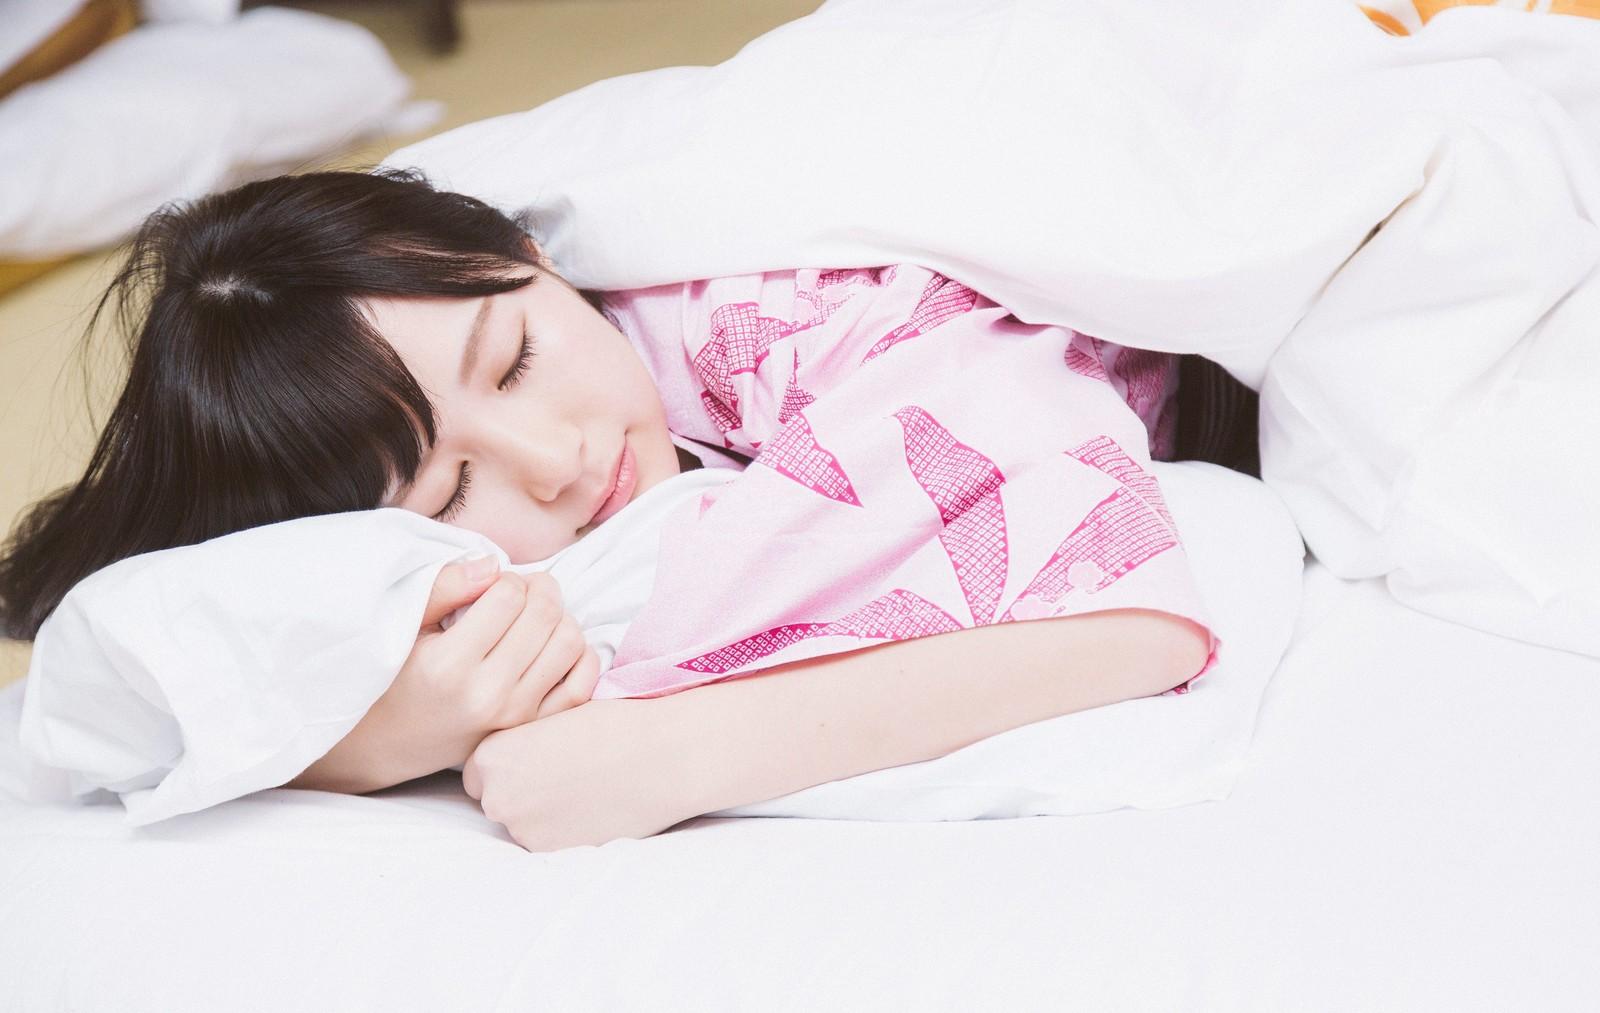 資格試験の勉強は早起きして朝活した方が効率的な7つの理由